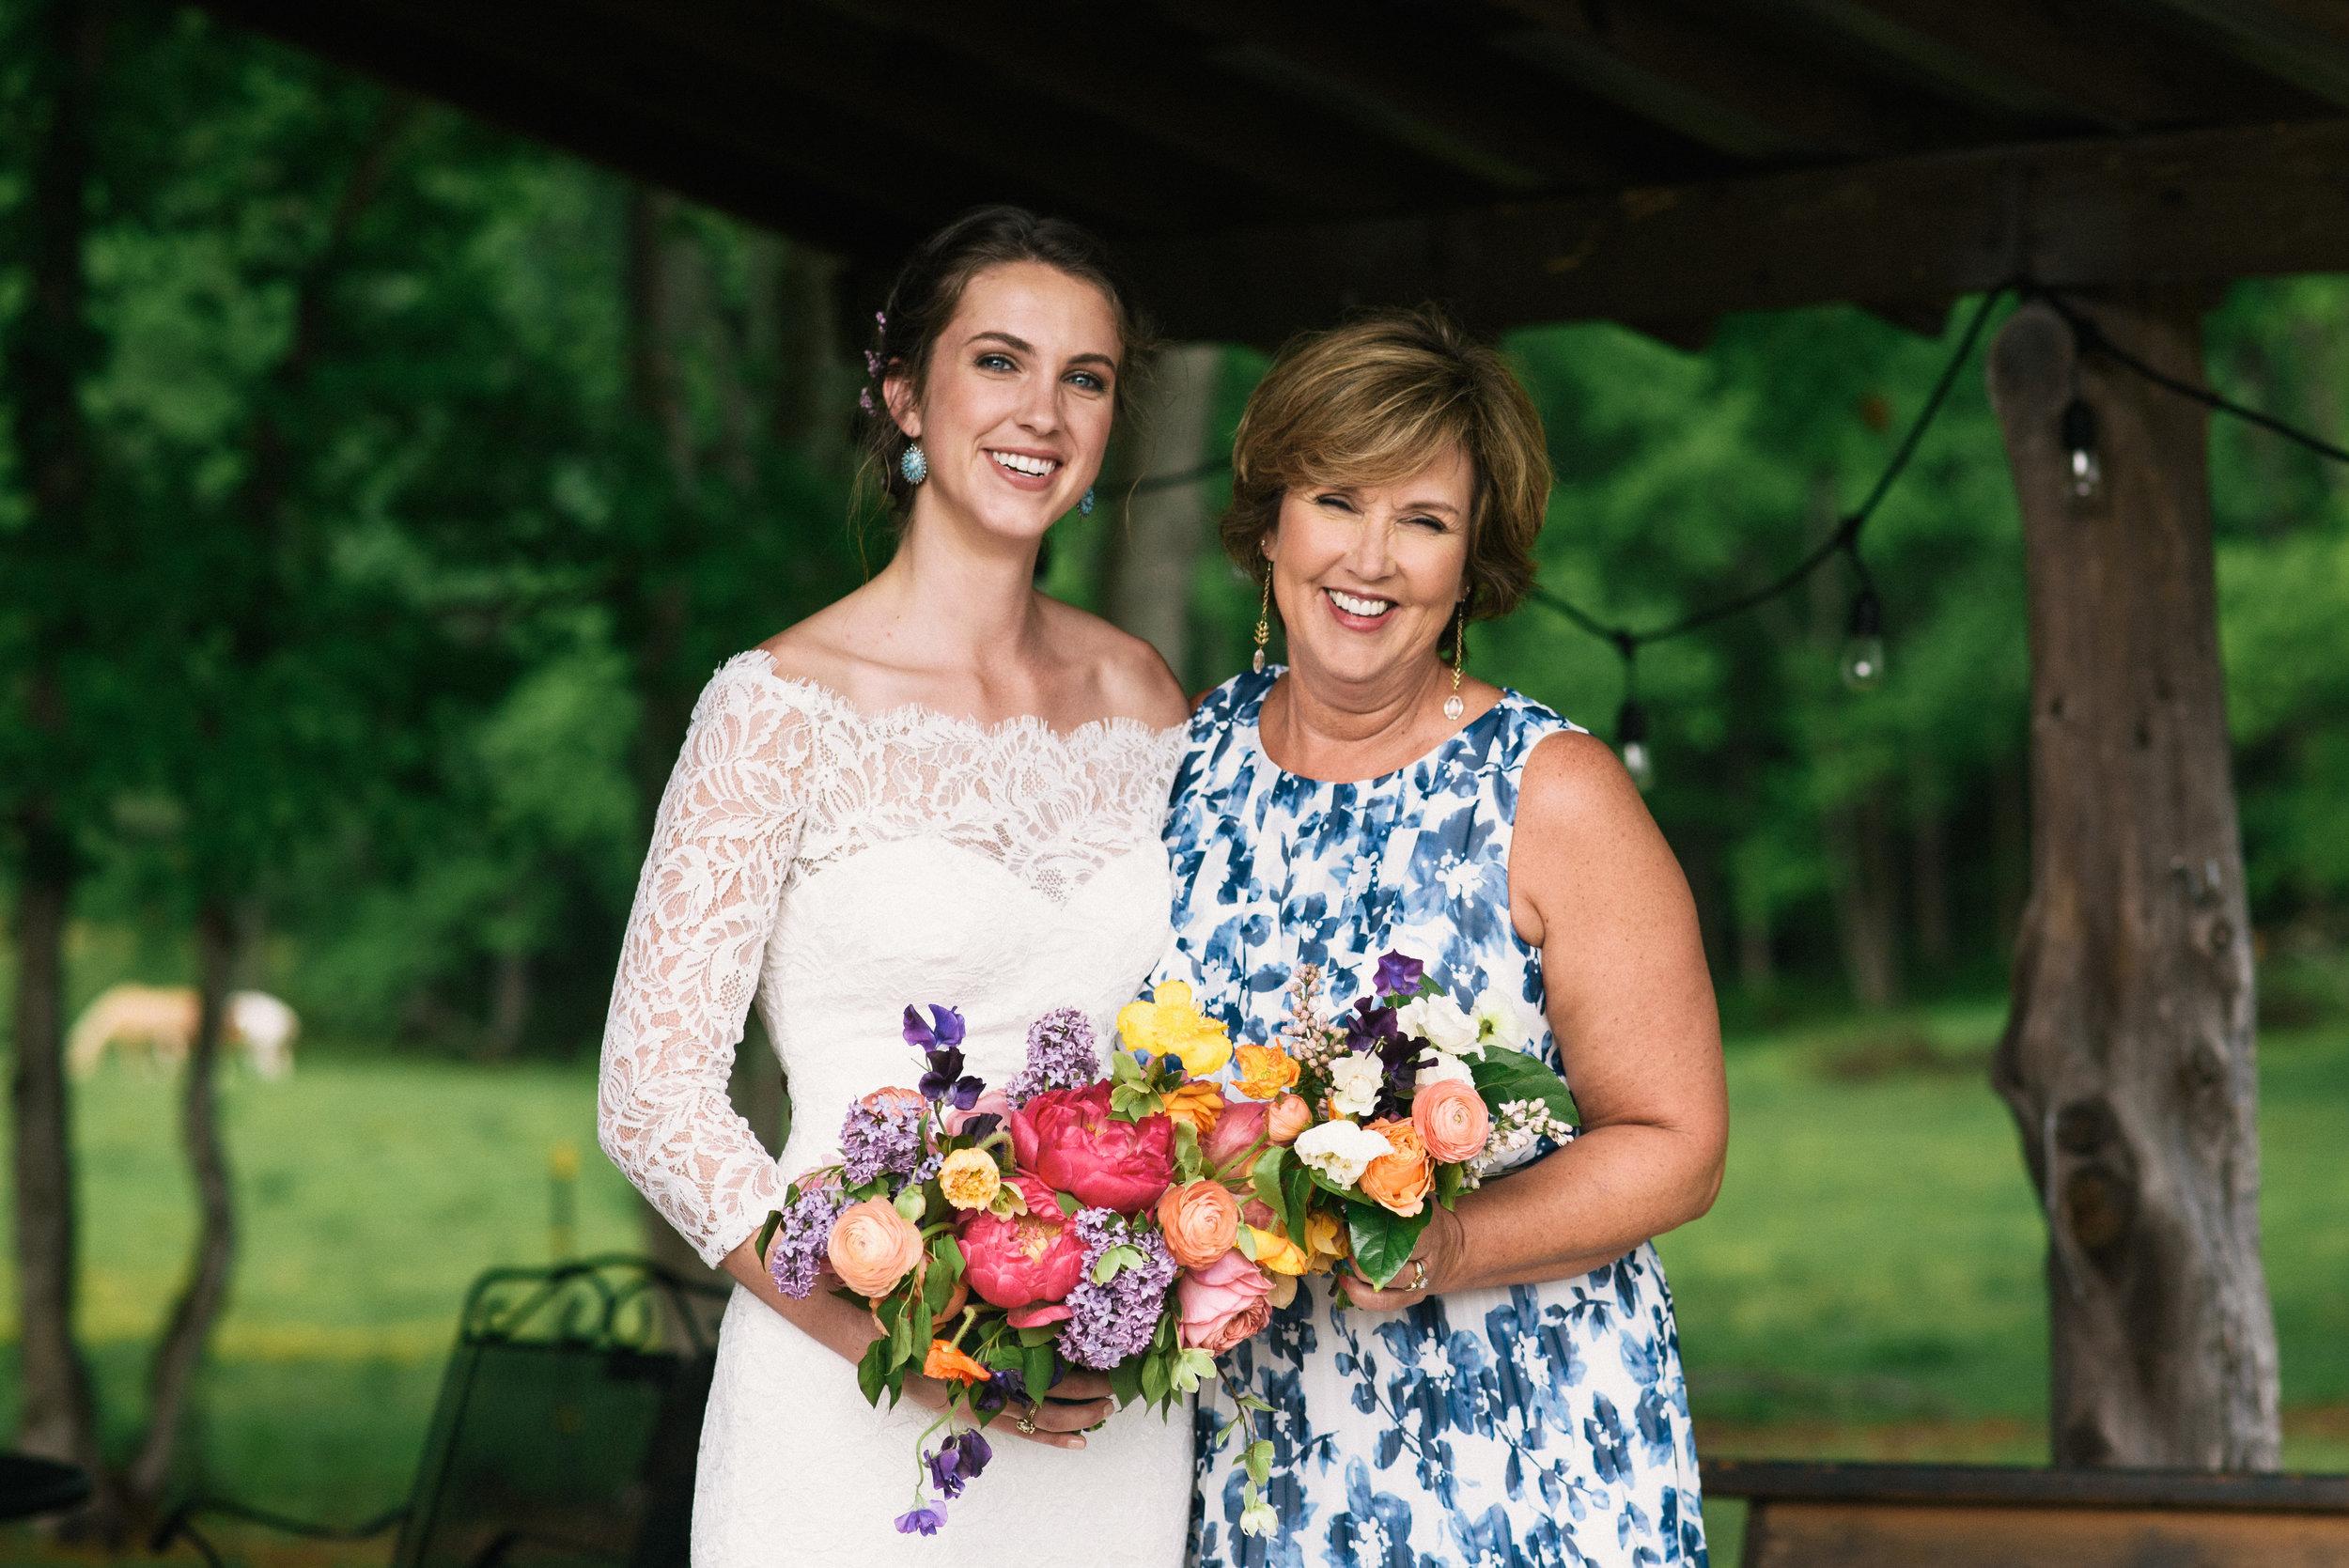 raleigh-elopement-photographer-raleigh-durham-wedding-maddie-and-devin- (87 of 162).jpg